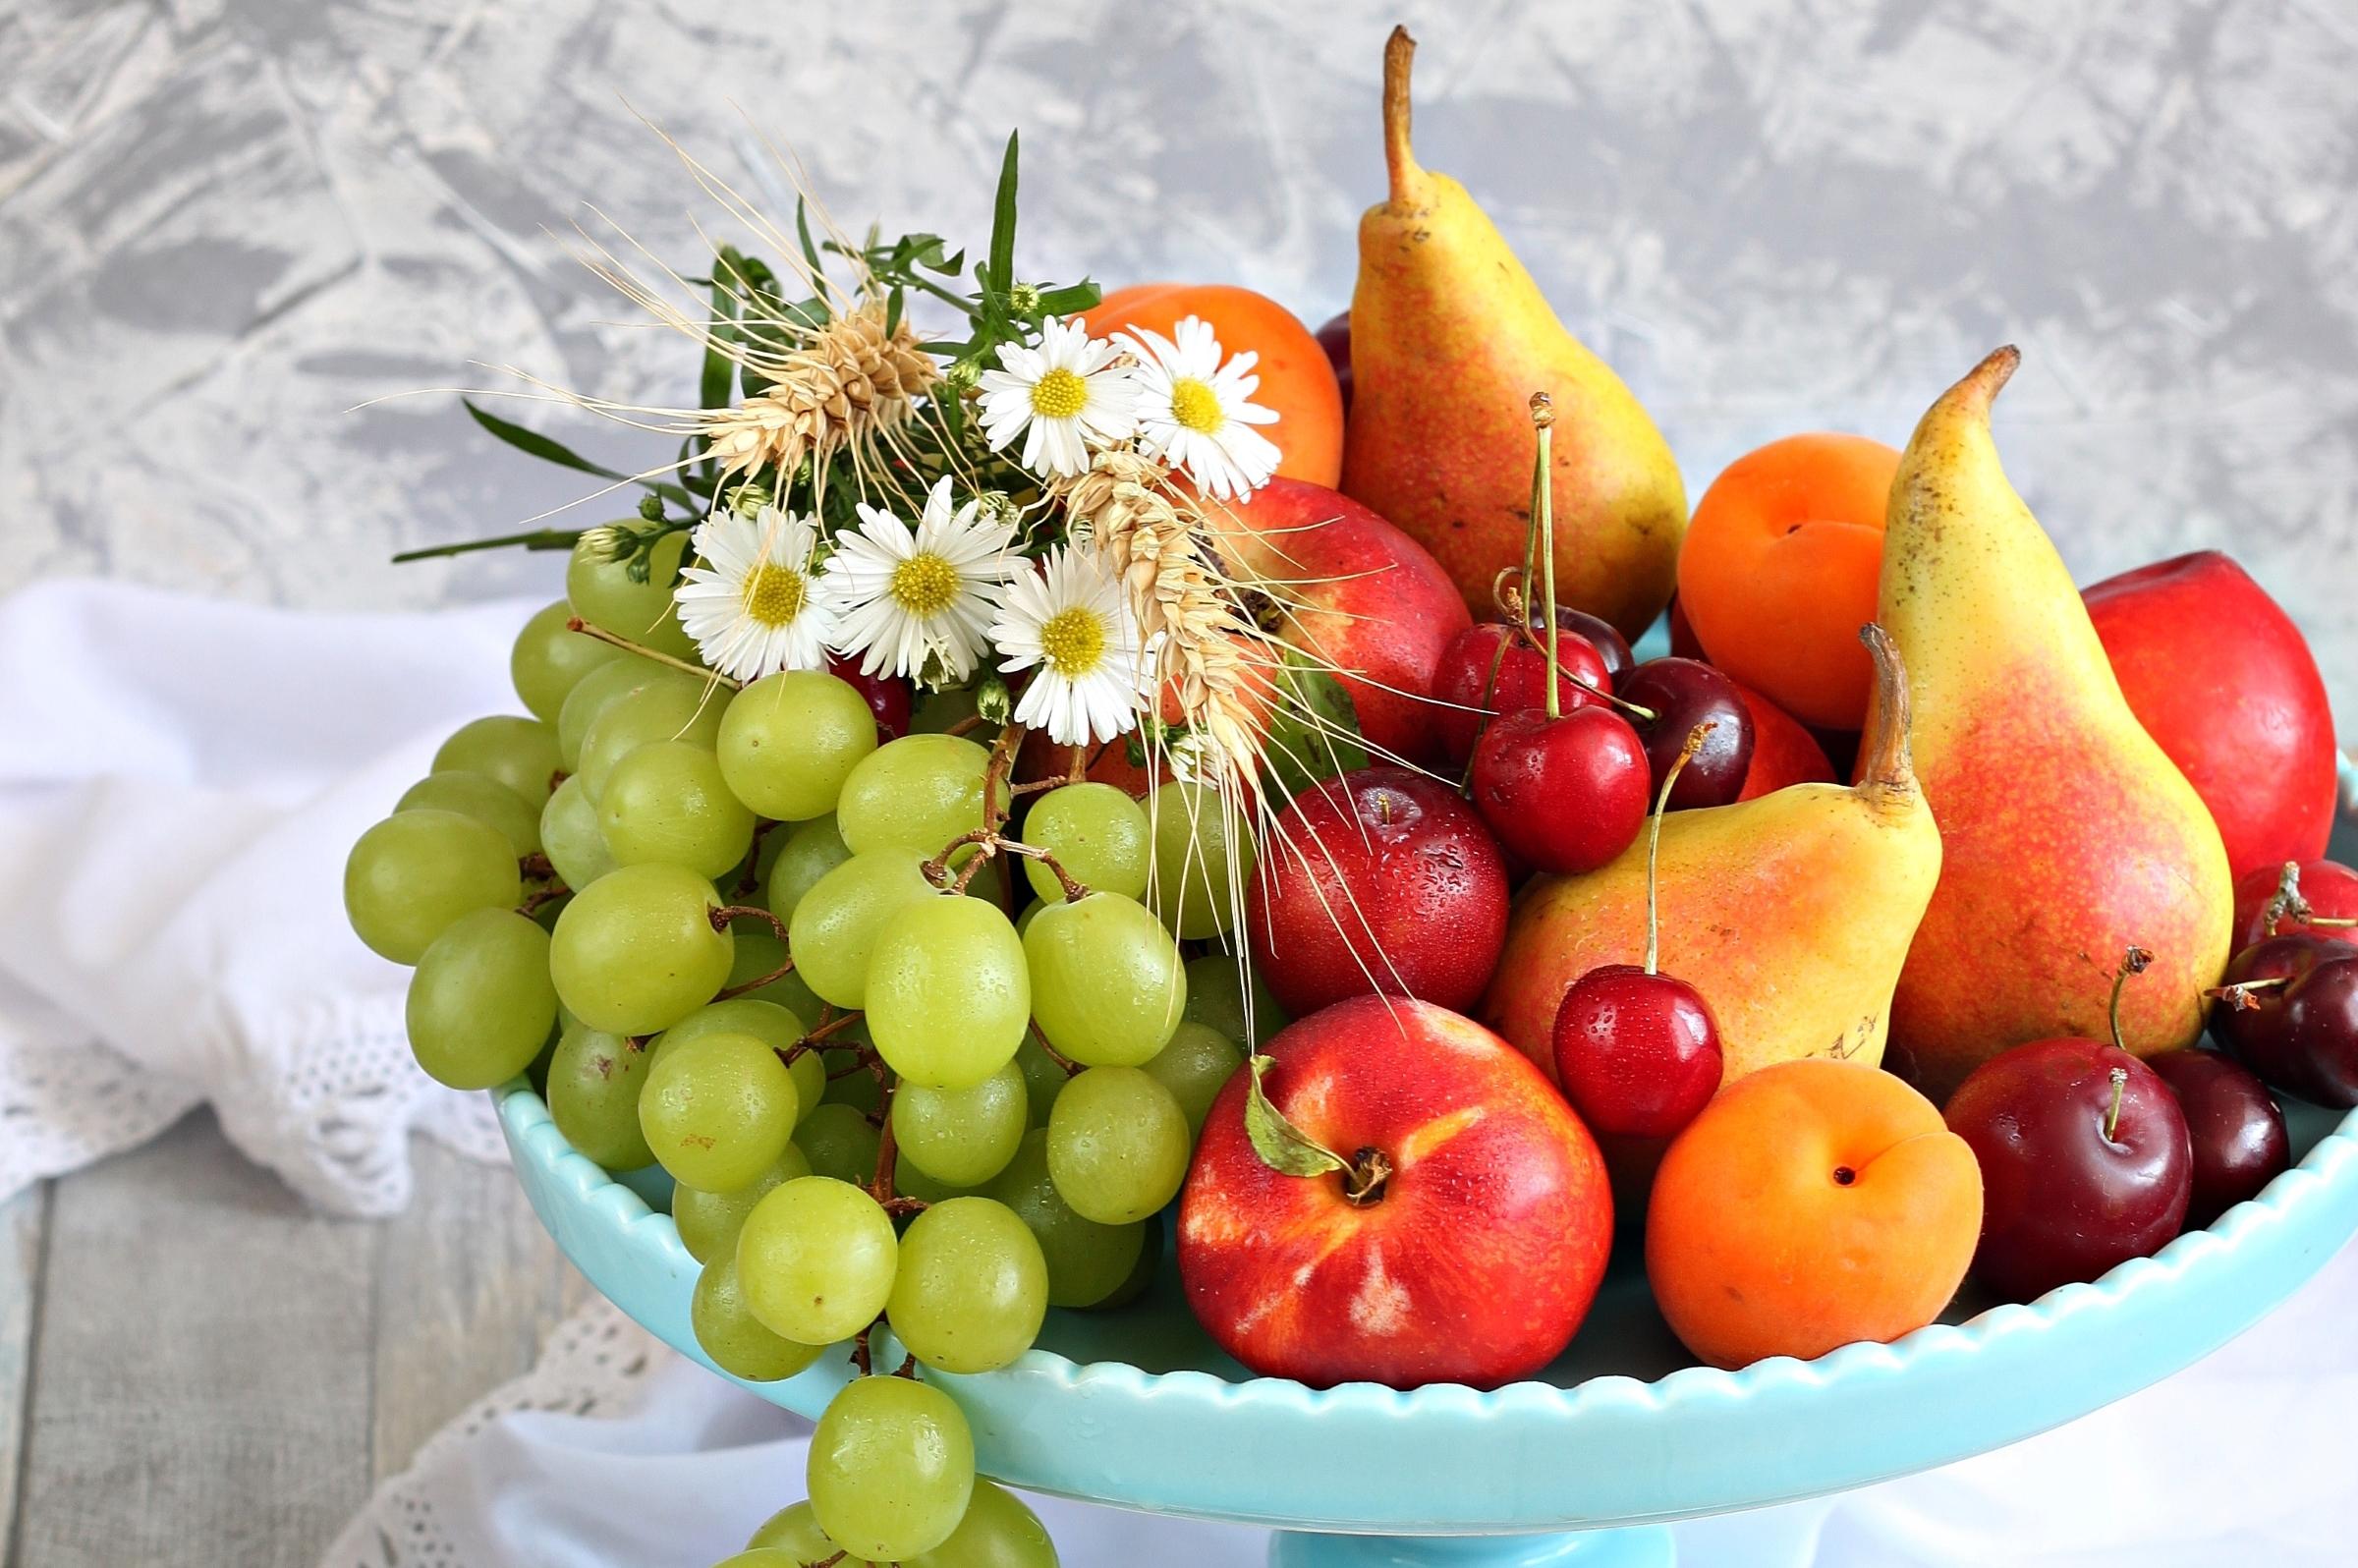 Цветок роза, красивые открытки с фруктами и цветами